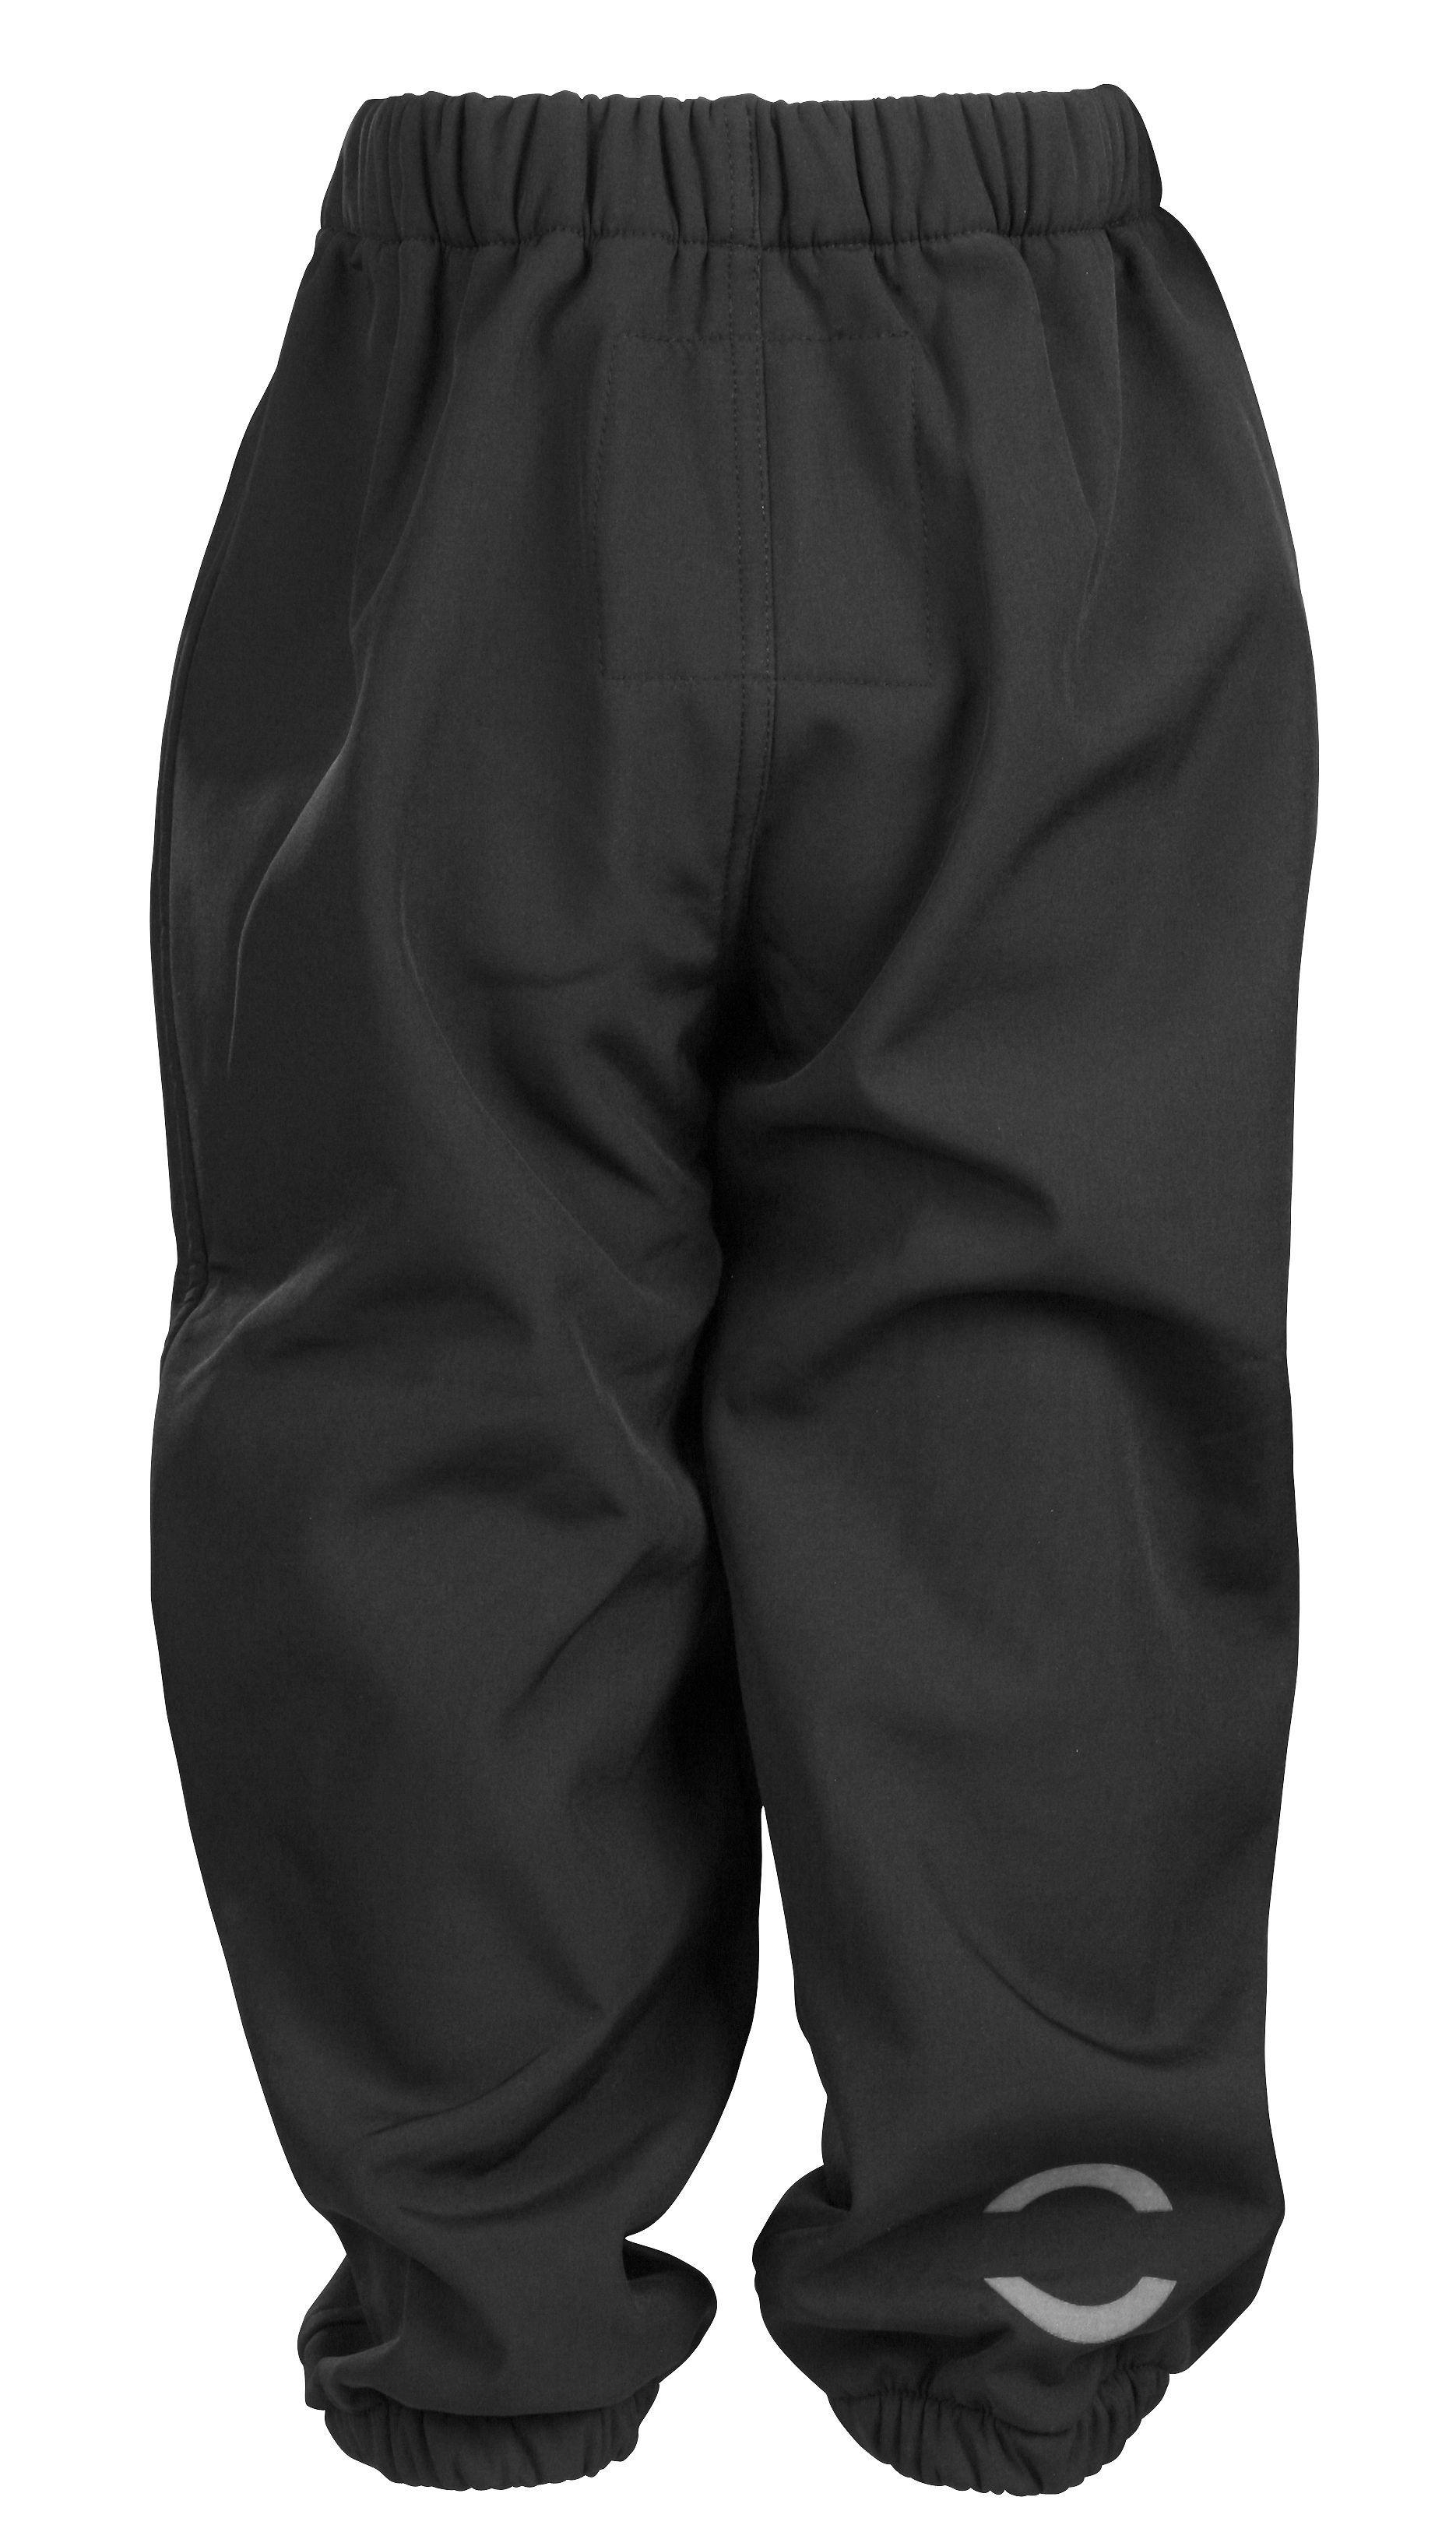 92de2d64 Softshell bukser fra Mikk-Line i Sort - Fri Fragt - Køb Soft shell Bukser  Vindtætte og Vandtætte